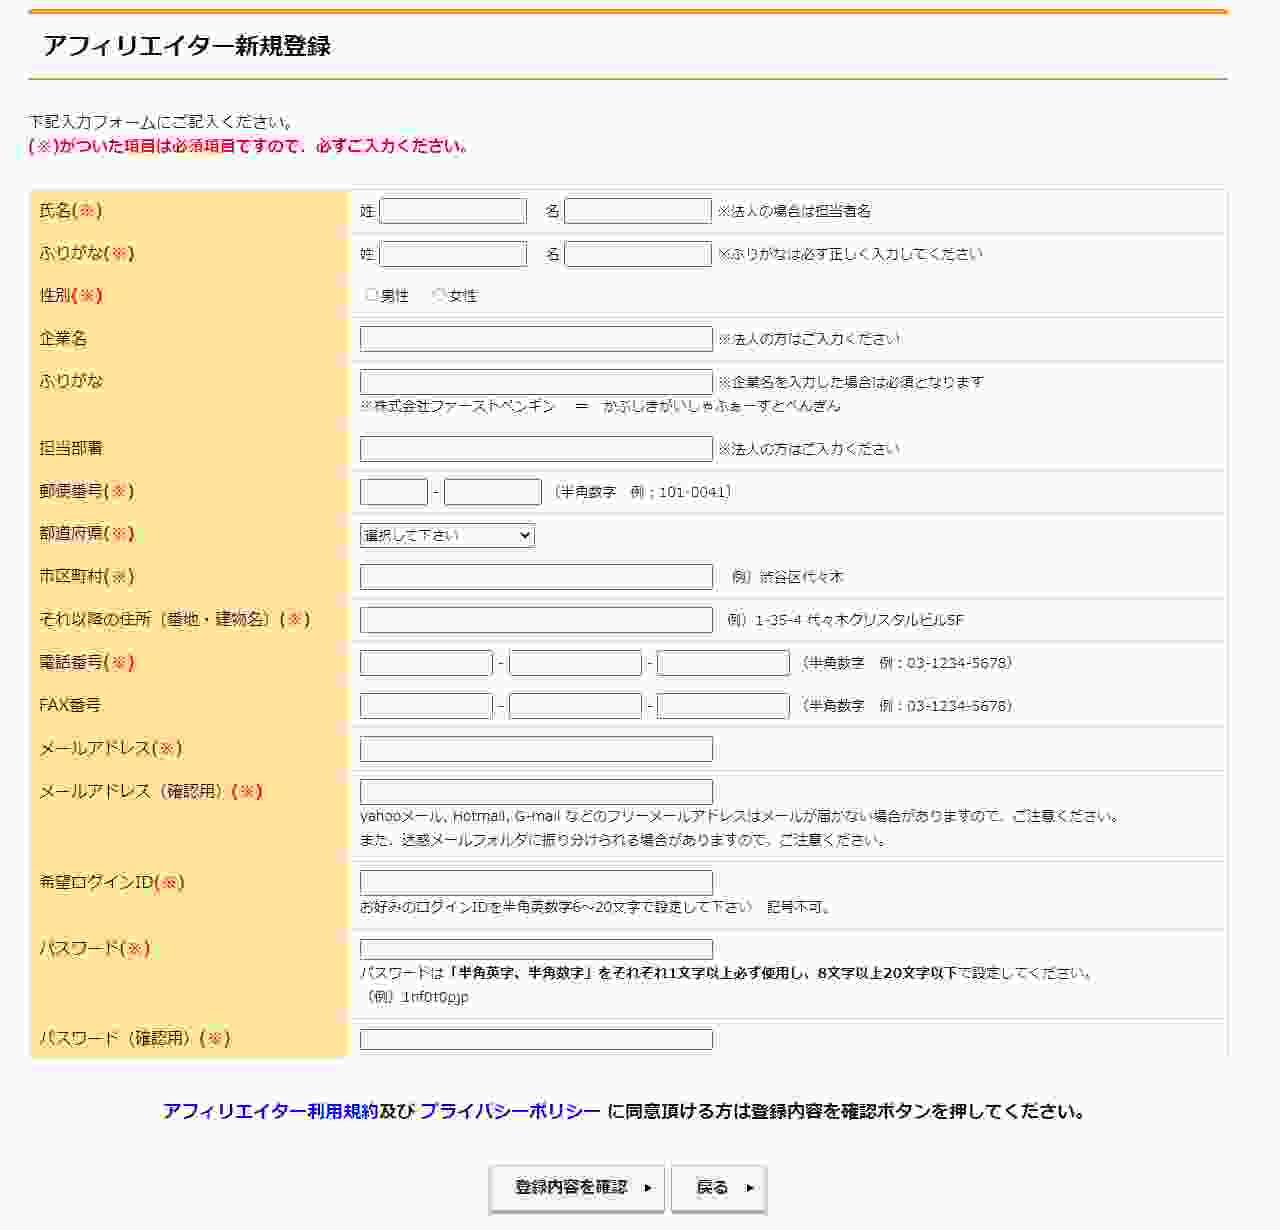 インフォトップアフィリエイターの登録フォームを入力